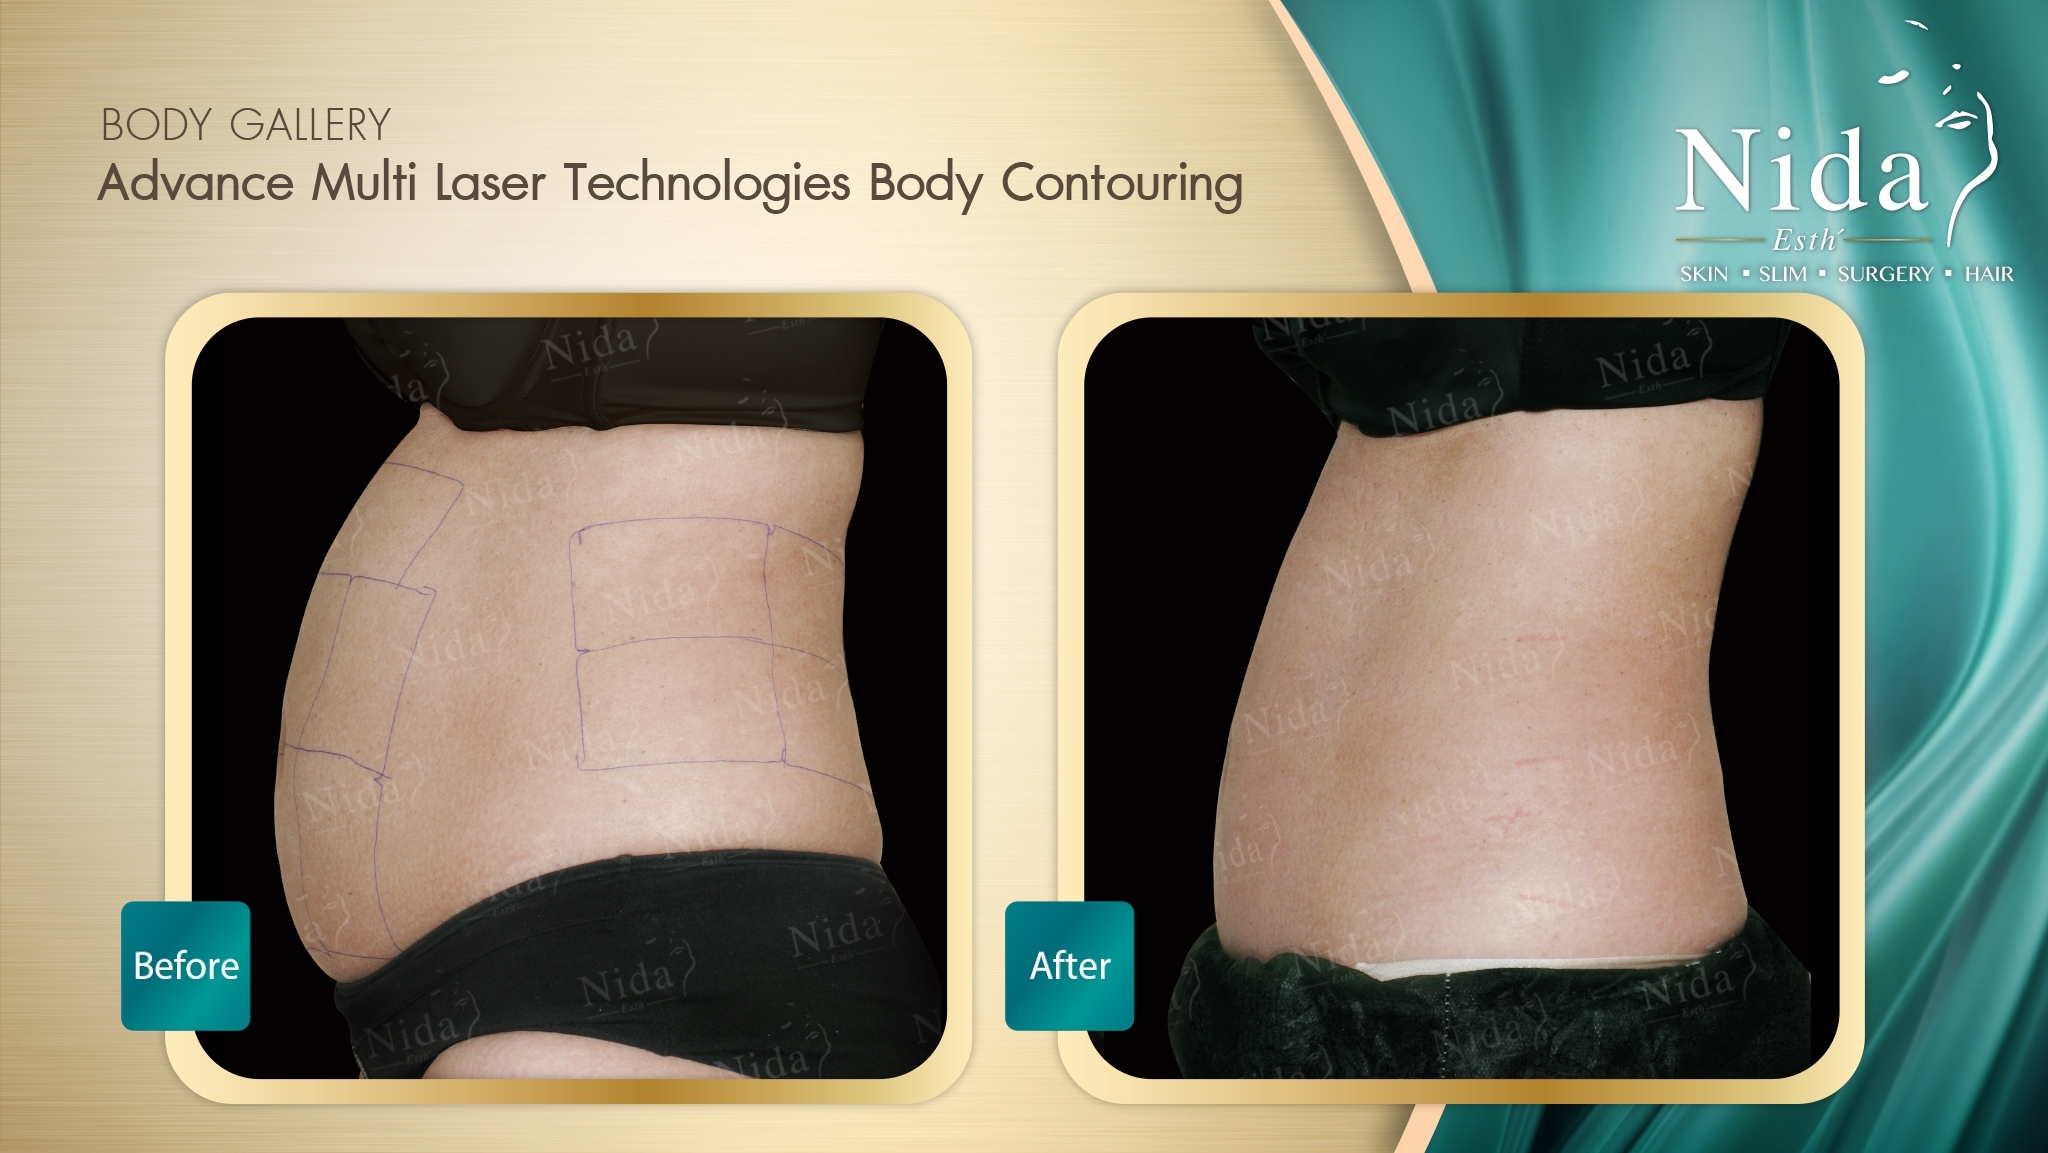 slimmarea cavitației cu ultrasunete